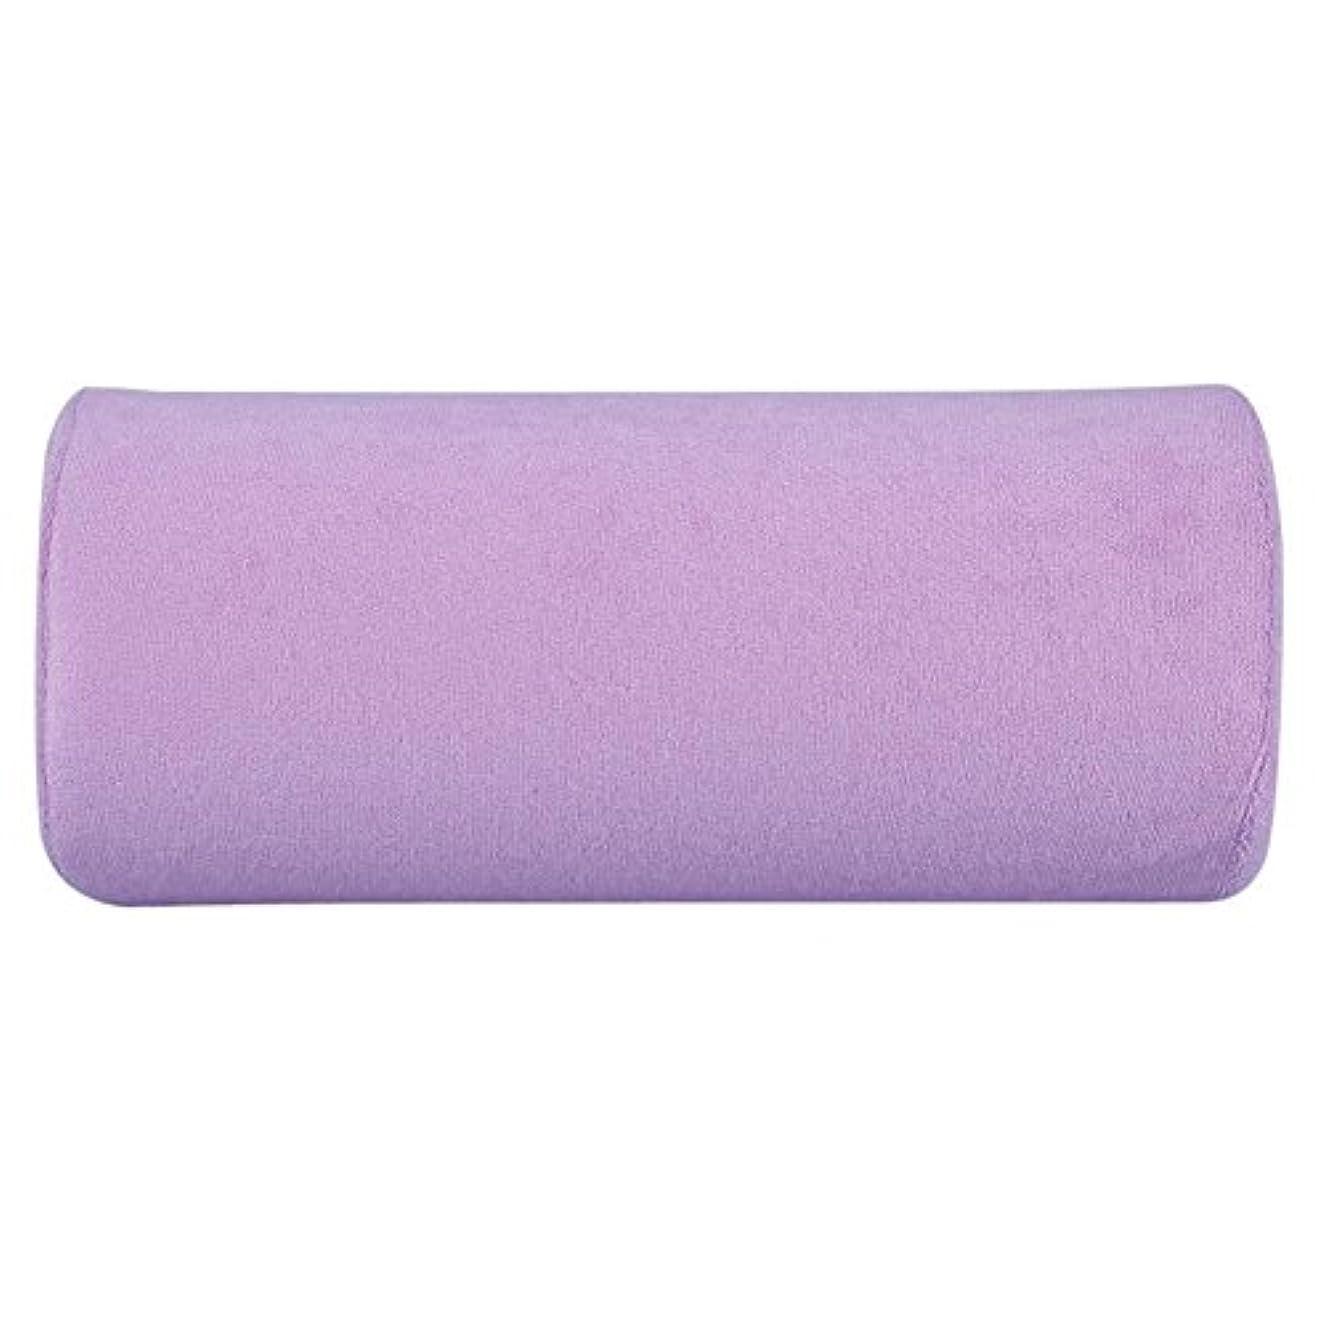 フェザー大理石軽くdootiネイル用アームレスト 取り外し可能 洗える ハンドレストクッション ネイル ハンドクッション 10色 (02)